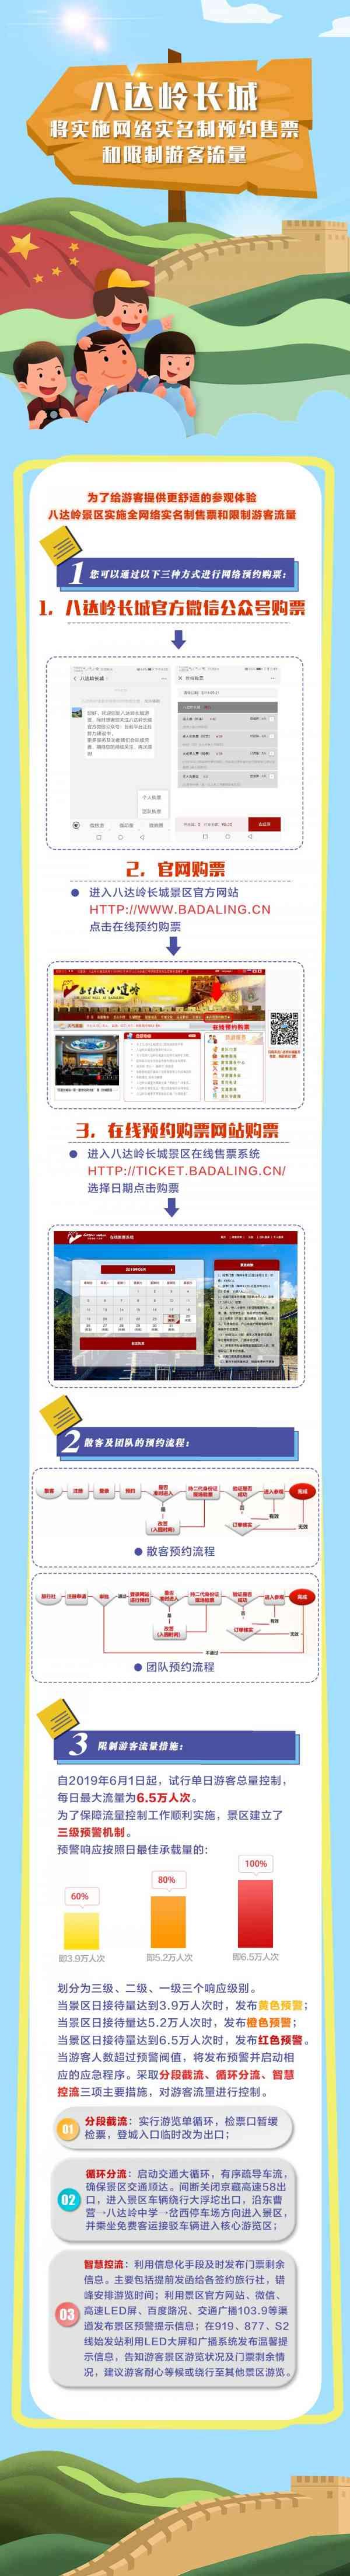 6月1日起八达岭长城实施全网预约购票 每日限流6.5万人次